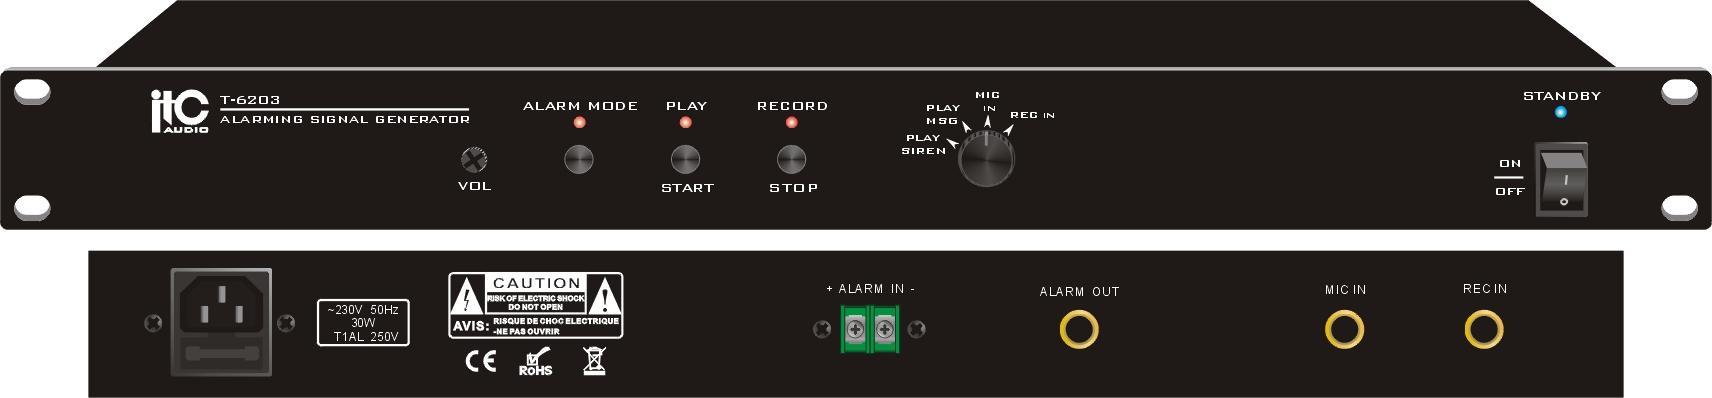 Bảng điều khiển giọng nói AV AGS-6000 CE